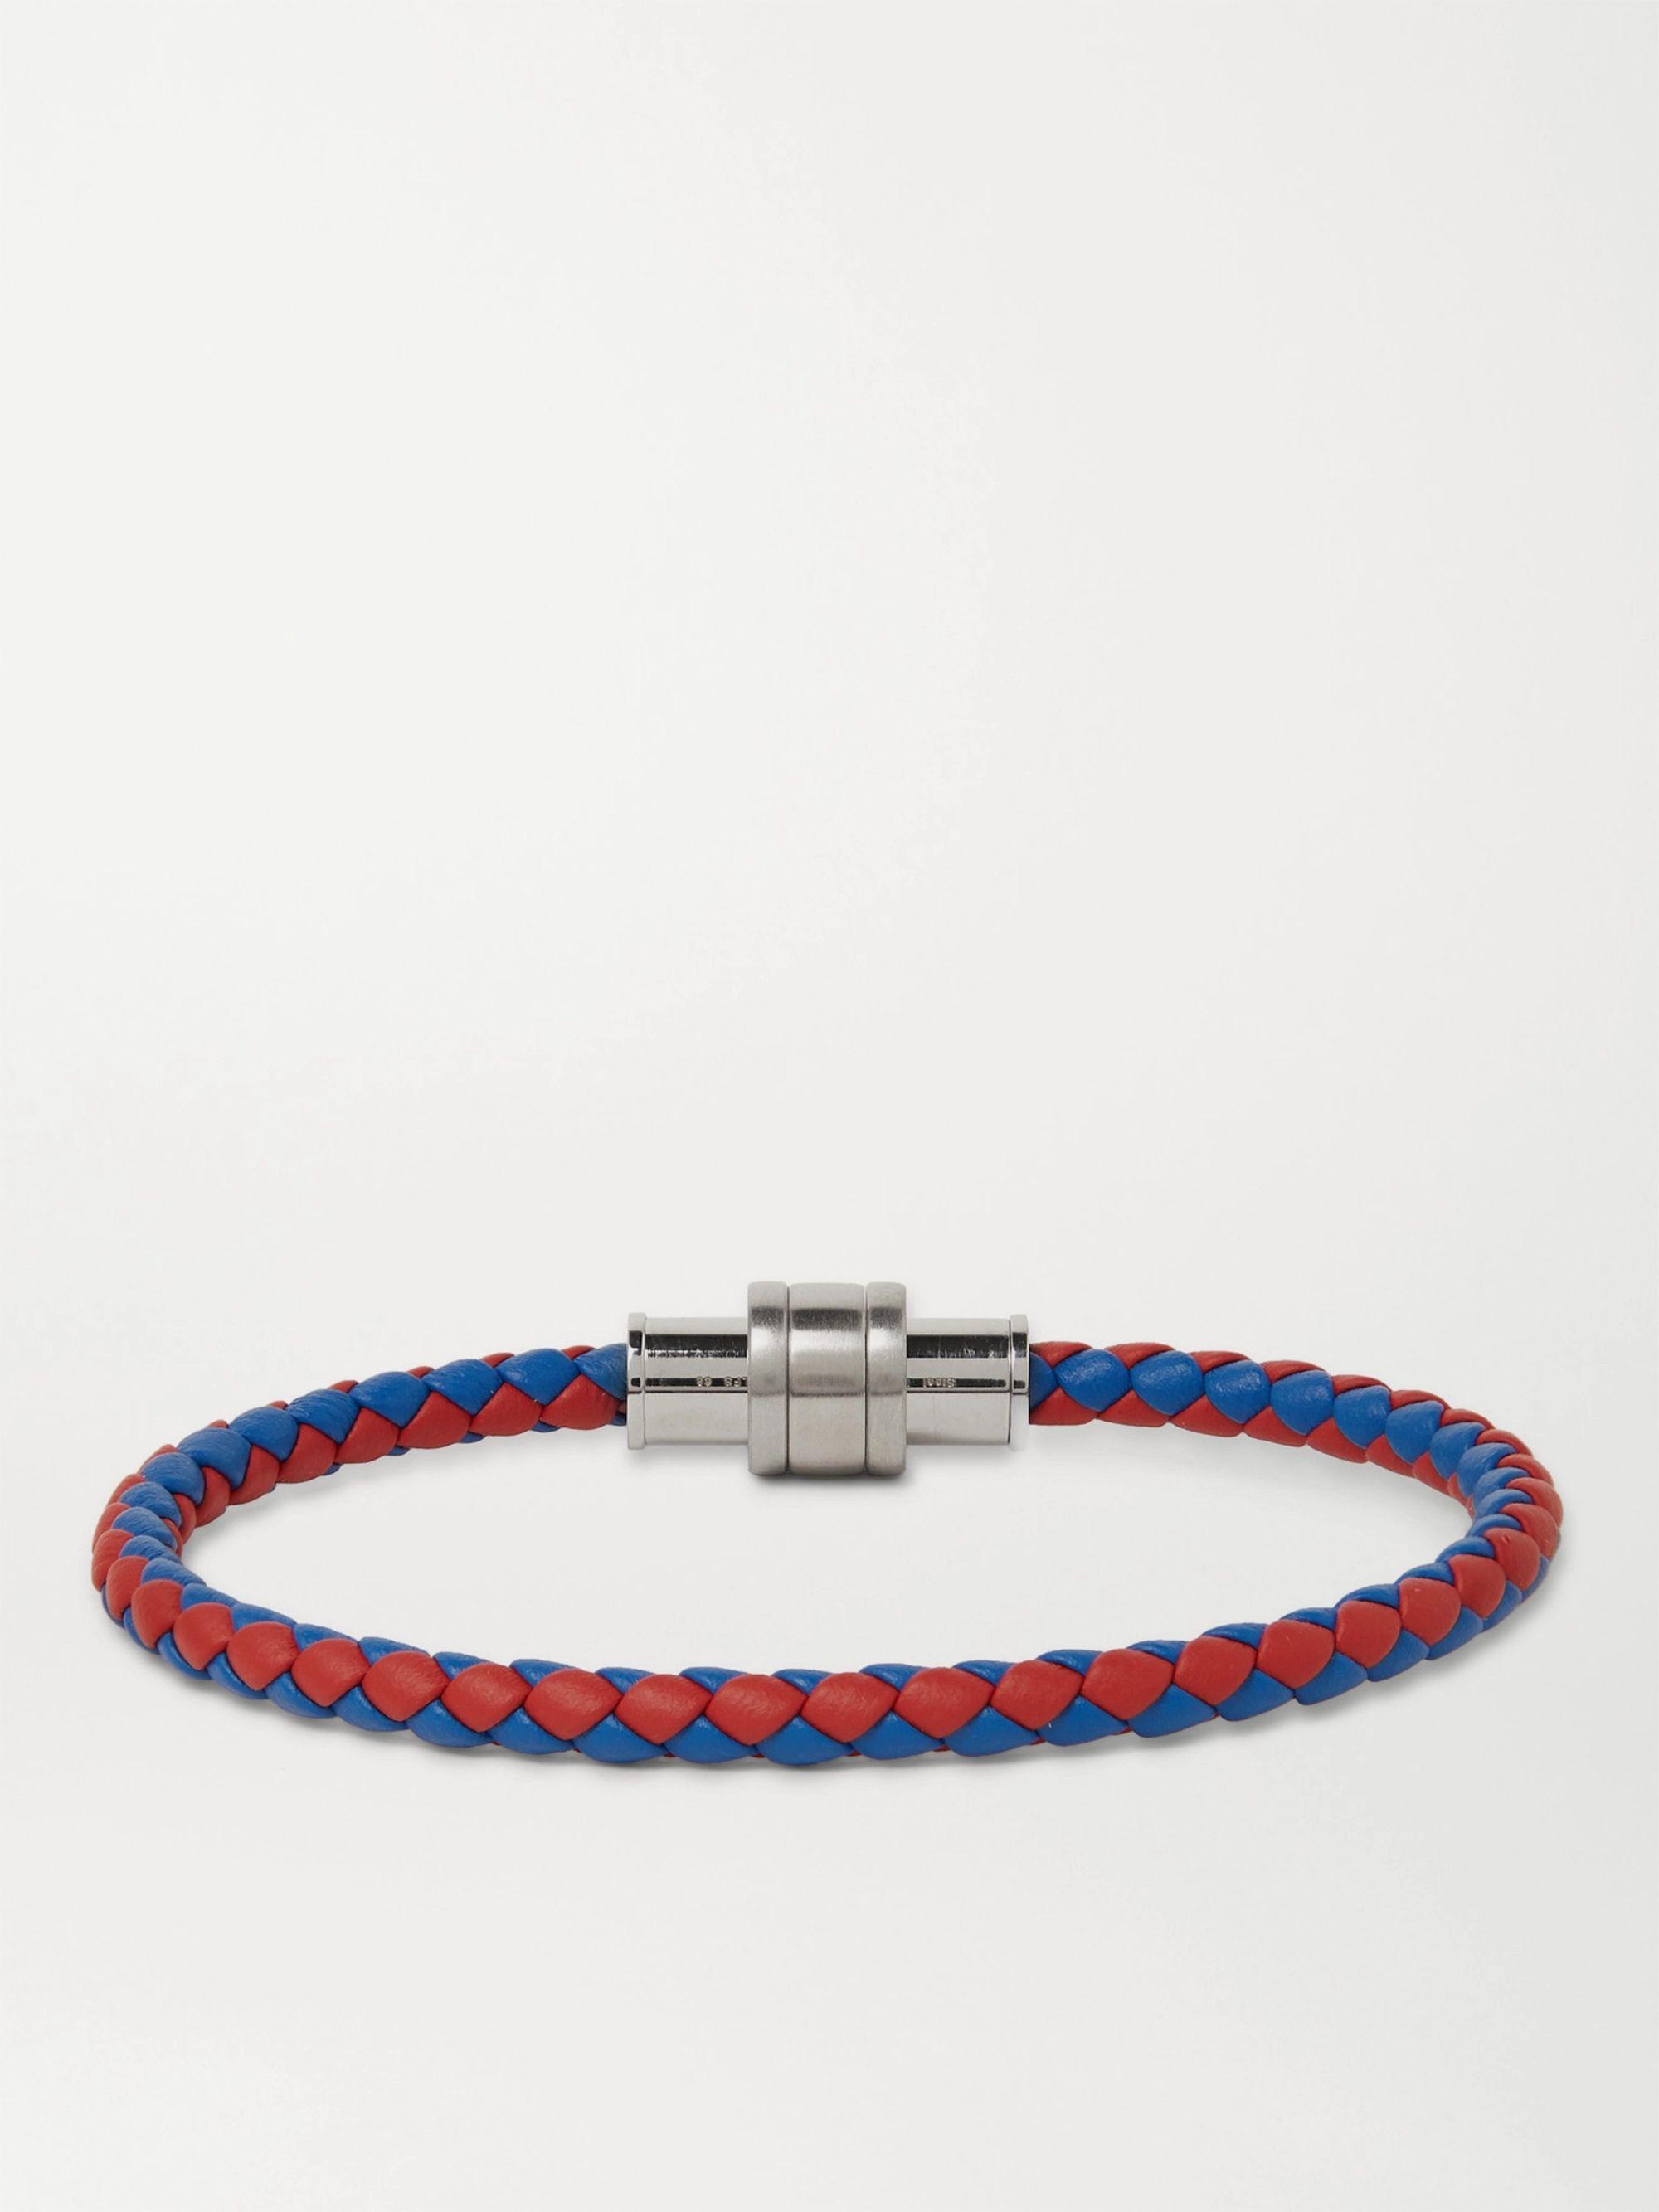 몽블랑 Montblanc Braided Leather and Stainless Steel Bracelet,Red